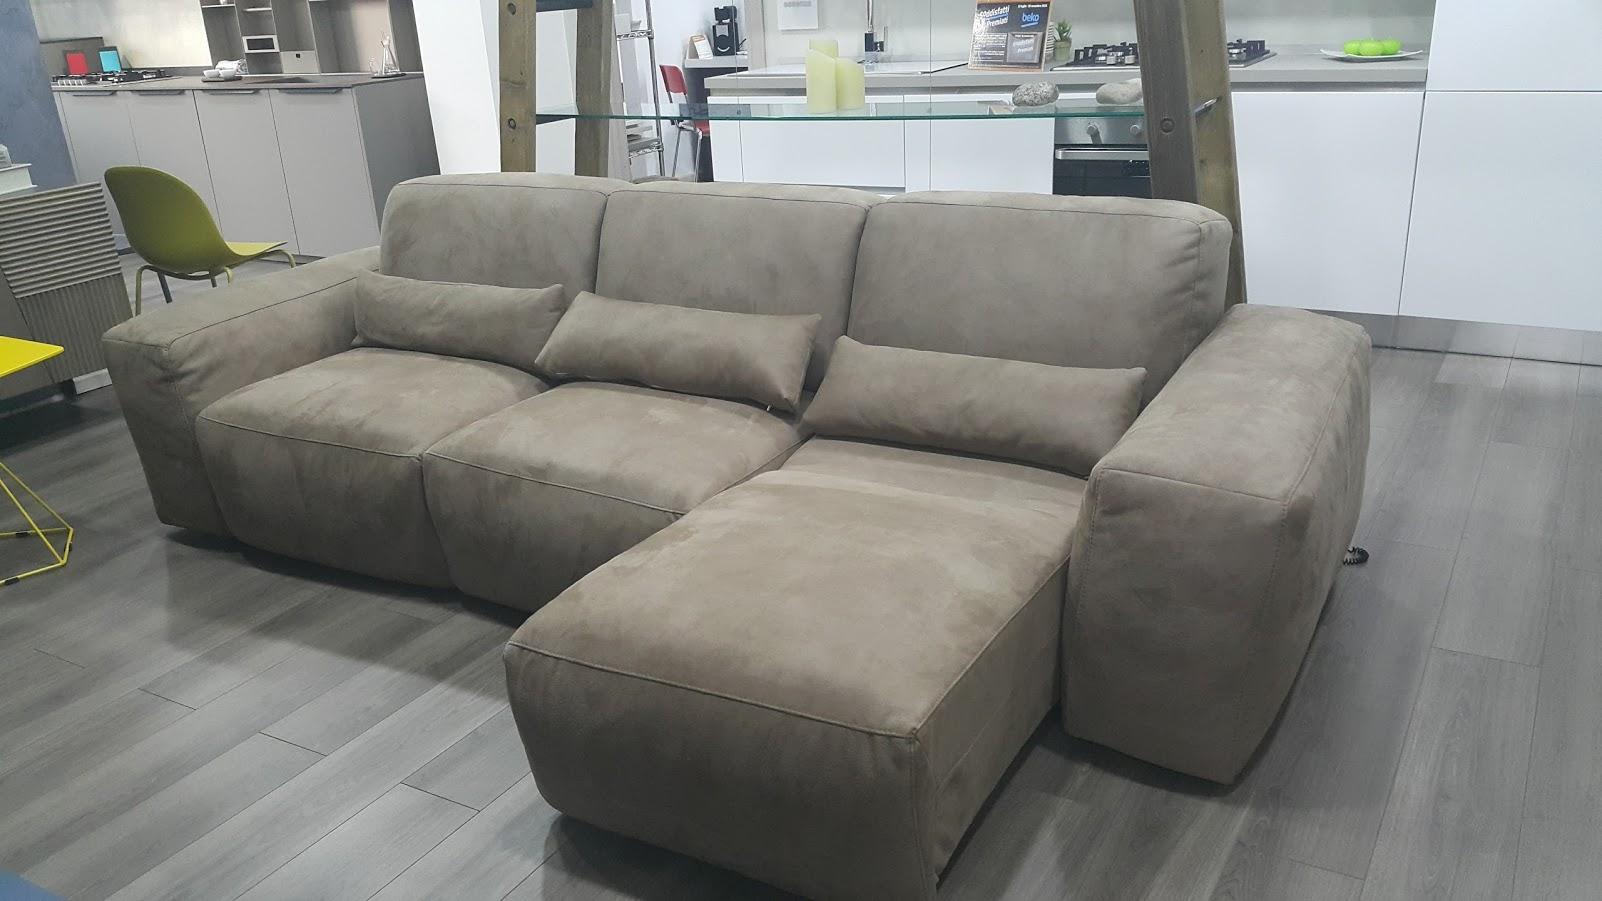 Divano rigo salotti mirab divani con chaise longue for Divani salotti